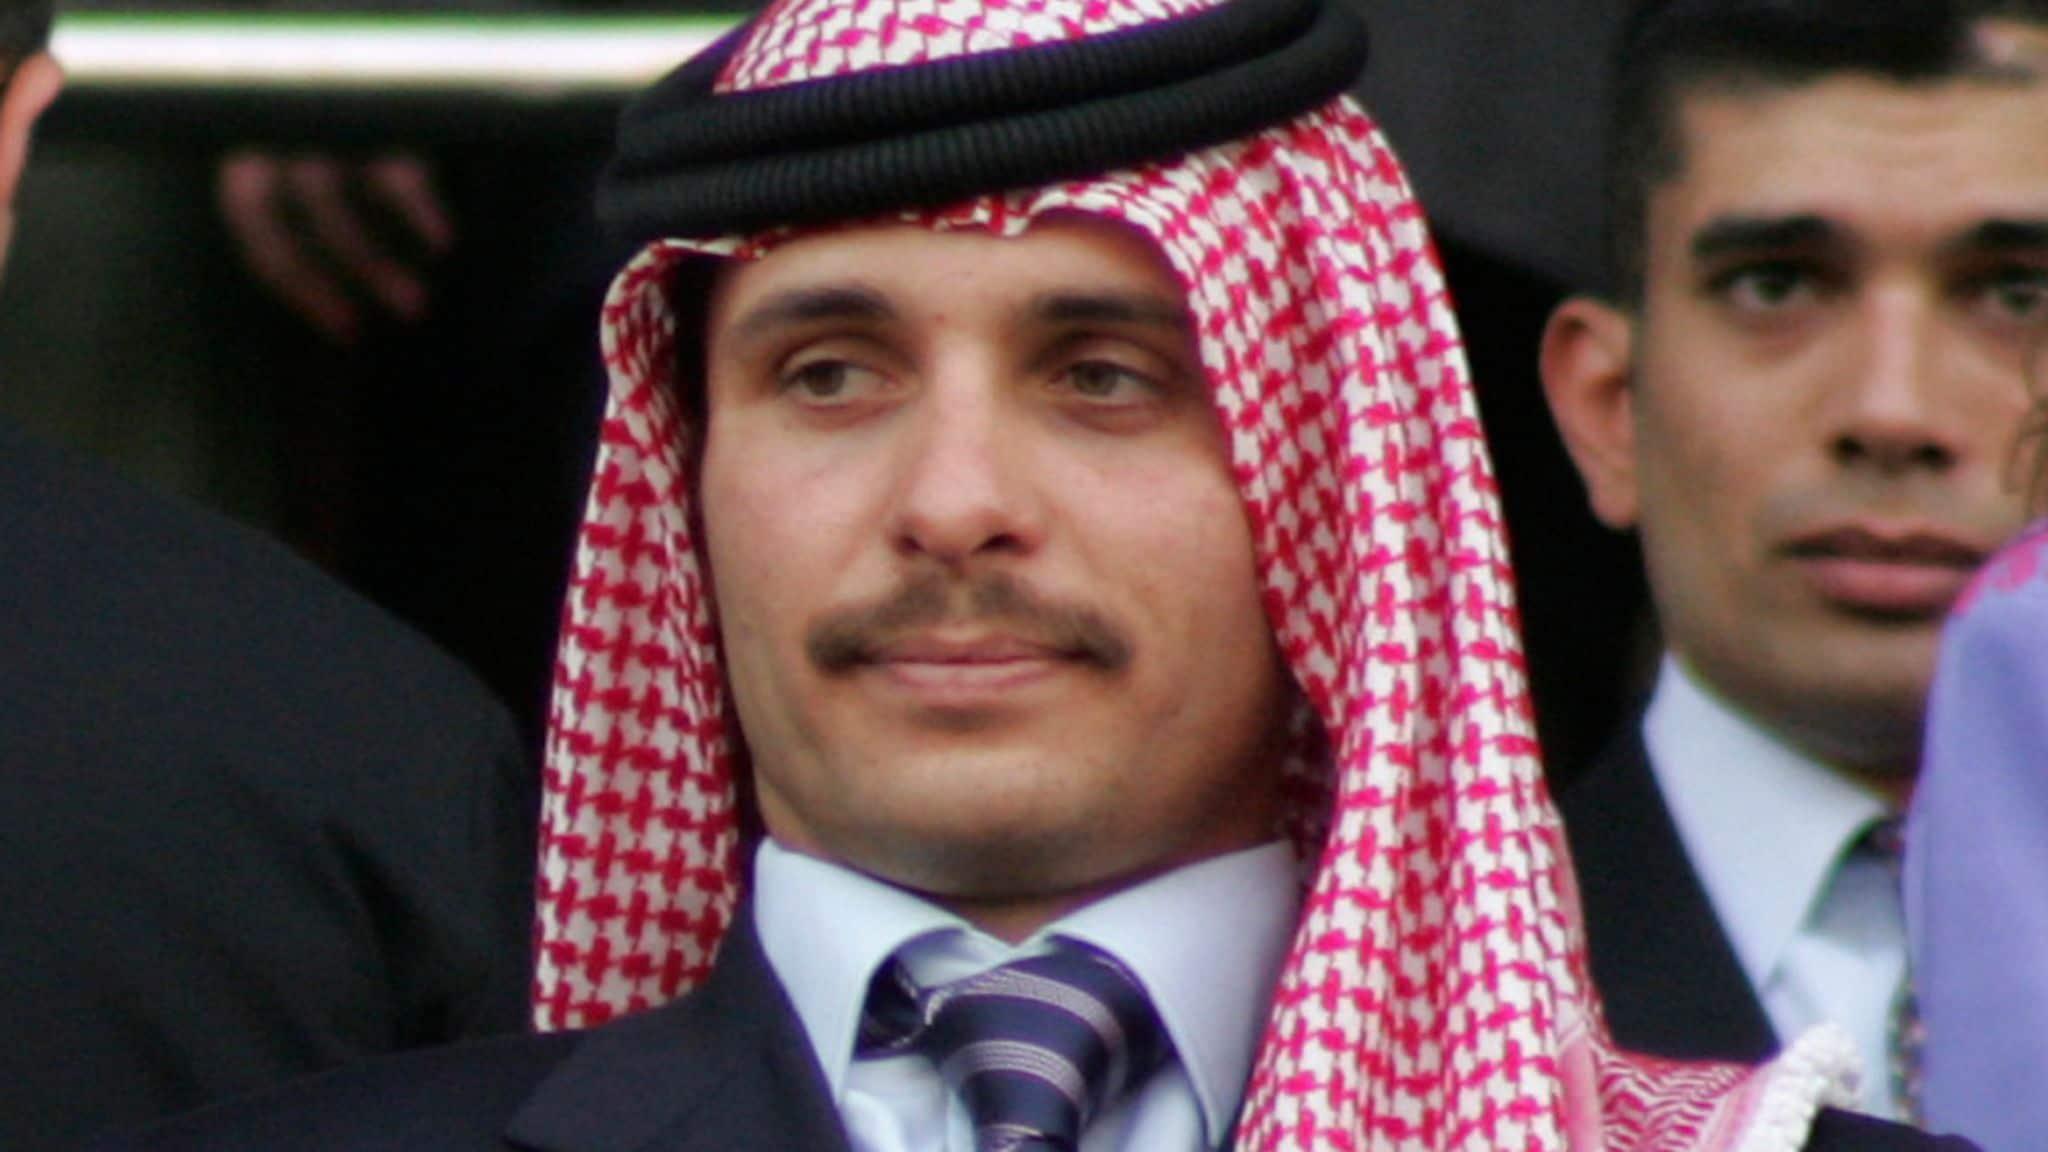 نشر تسريبات مثيرة للإتصالات بين الأمير حمزة والشريف حسن بن زيد بـ(قضية الفتنة)